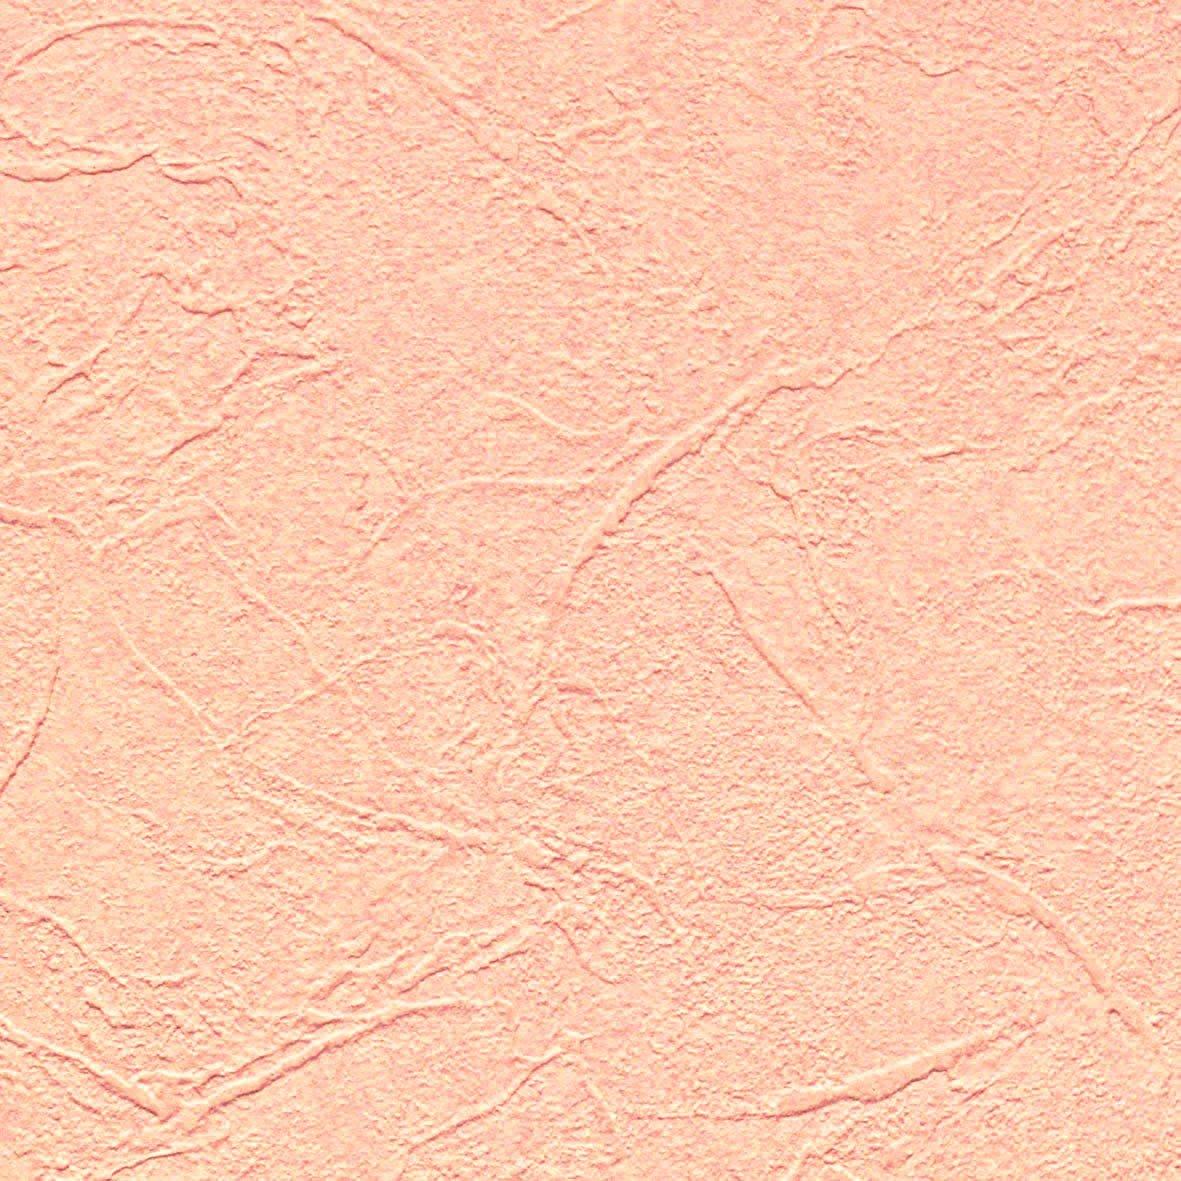 リリカラ 壁紙24m シンフル 石目調 ピンク LL-8204 B01N3T5ST6 24m|ピンク